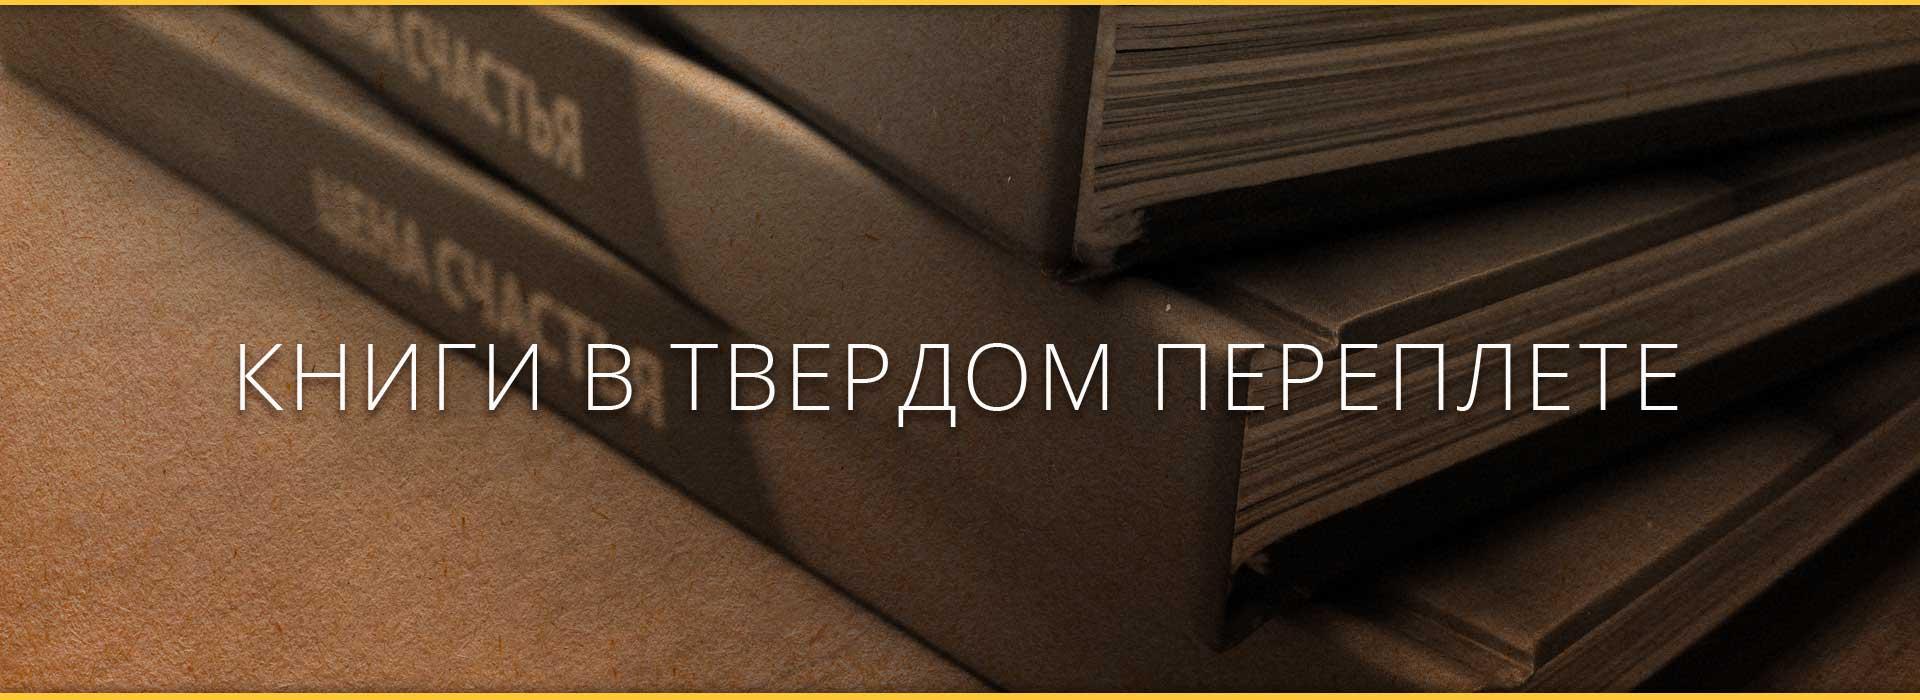 Печать книг в твердом переплете в типографии «Nice-Book»